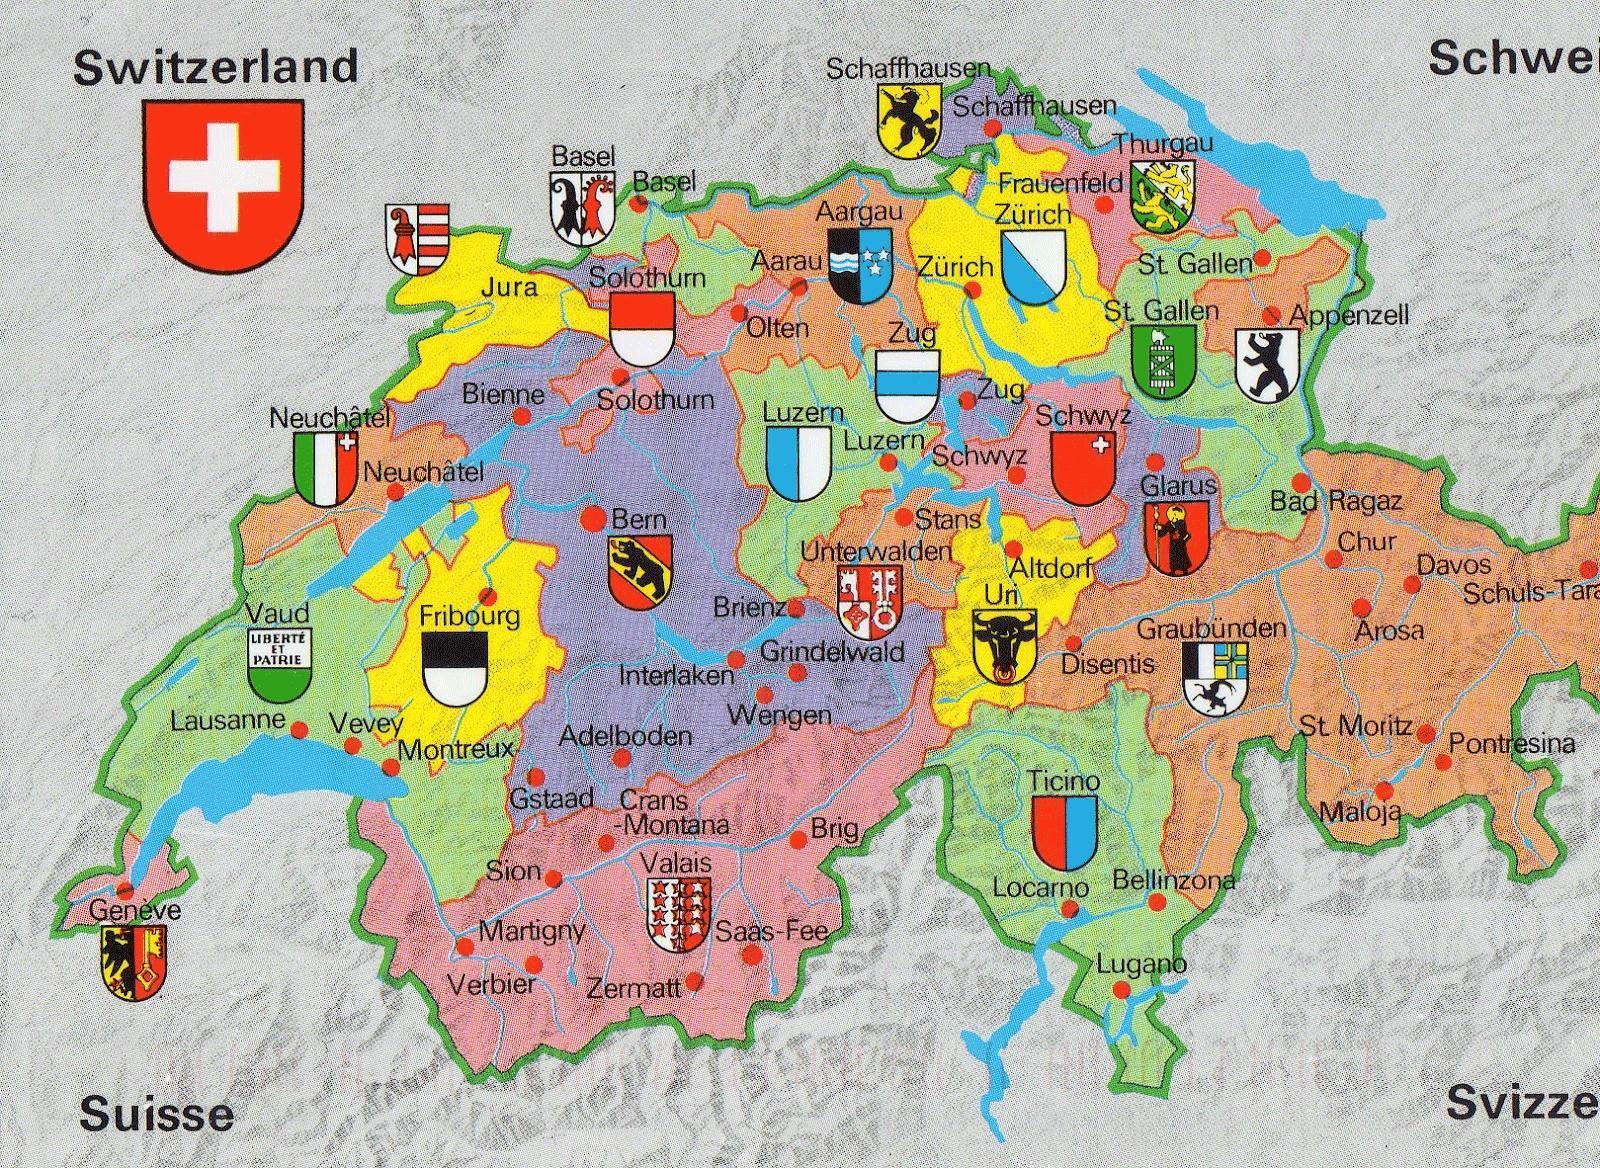 Cartina Della Svizzera.In Svizzera La Mappa Attrazioni Turistiche Mappa Della